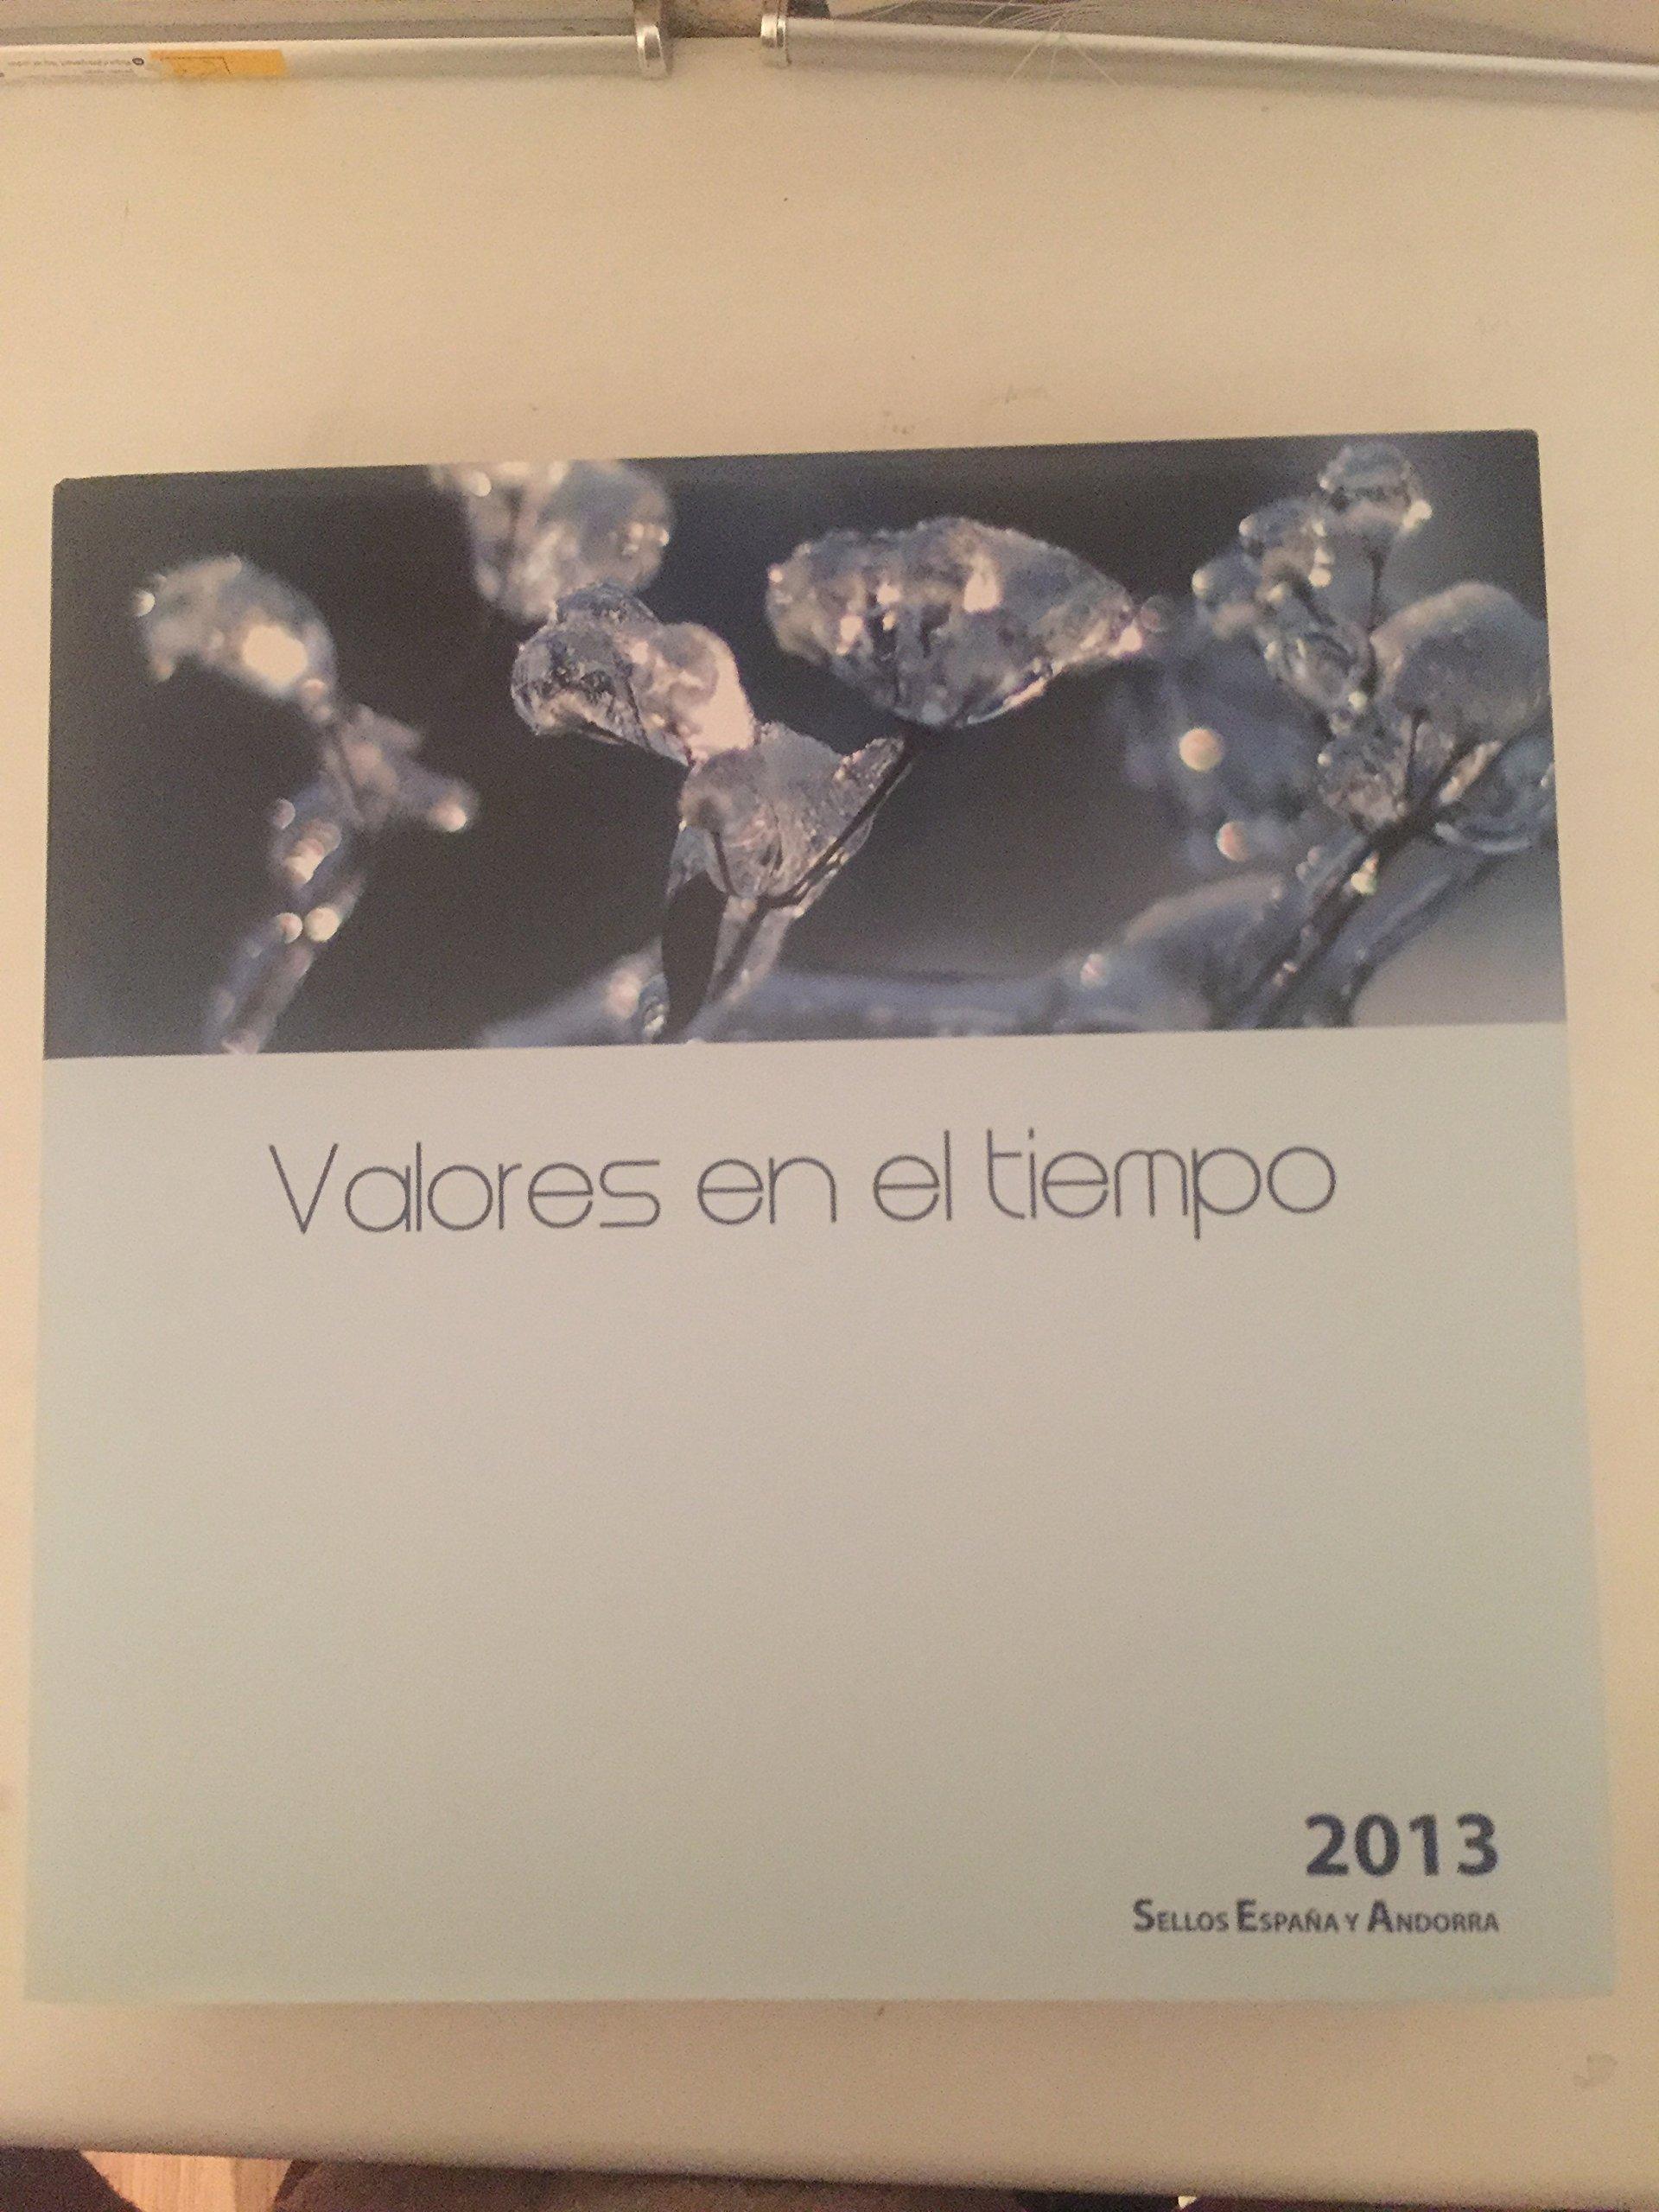 Libro de sellos de España y Andorra 2013: Amazon.es: Correos y Telégrafos: Libros